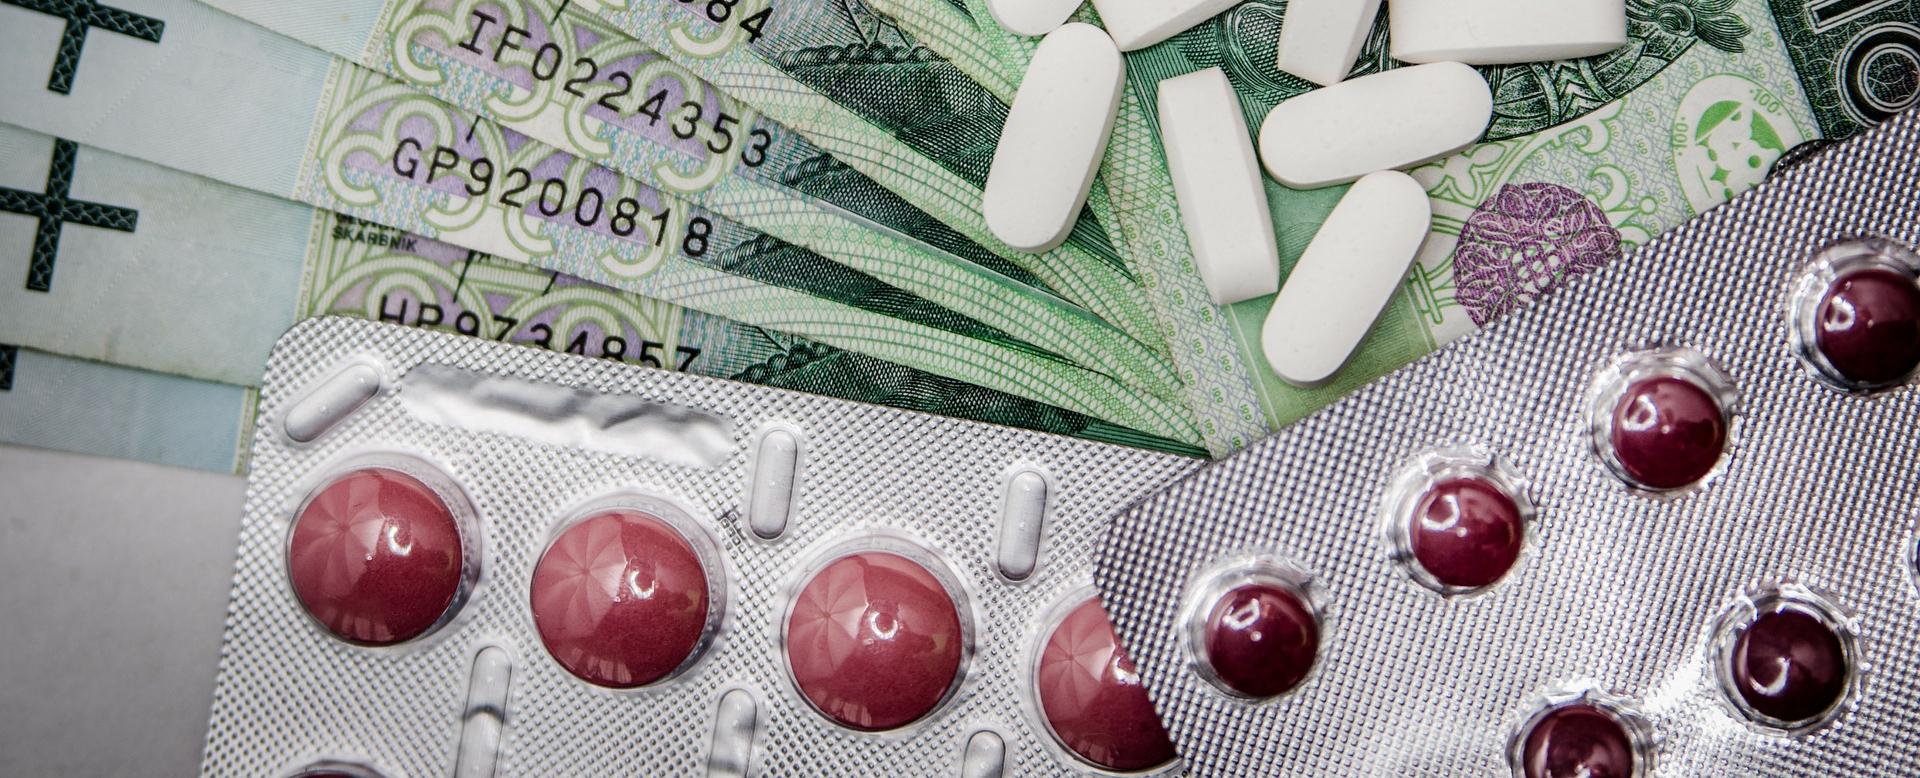 jak kupować bezpiecznie leki w internecie?